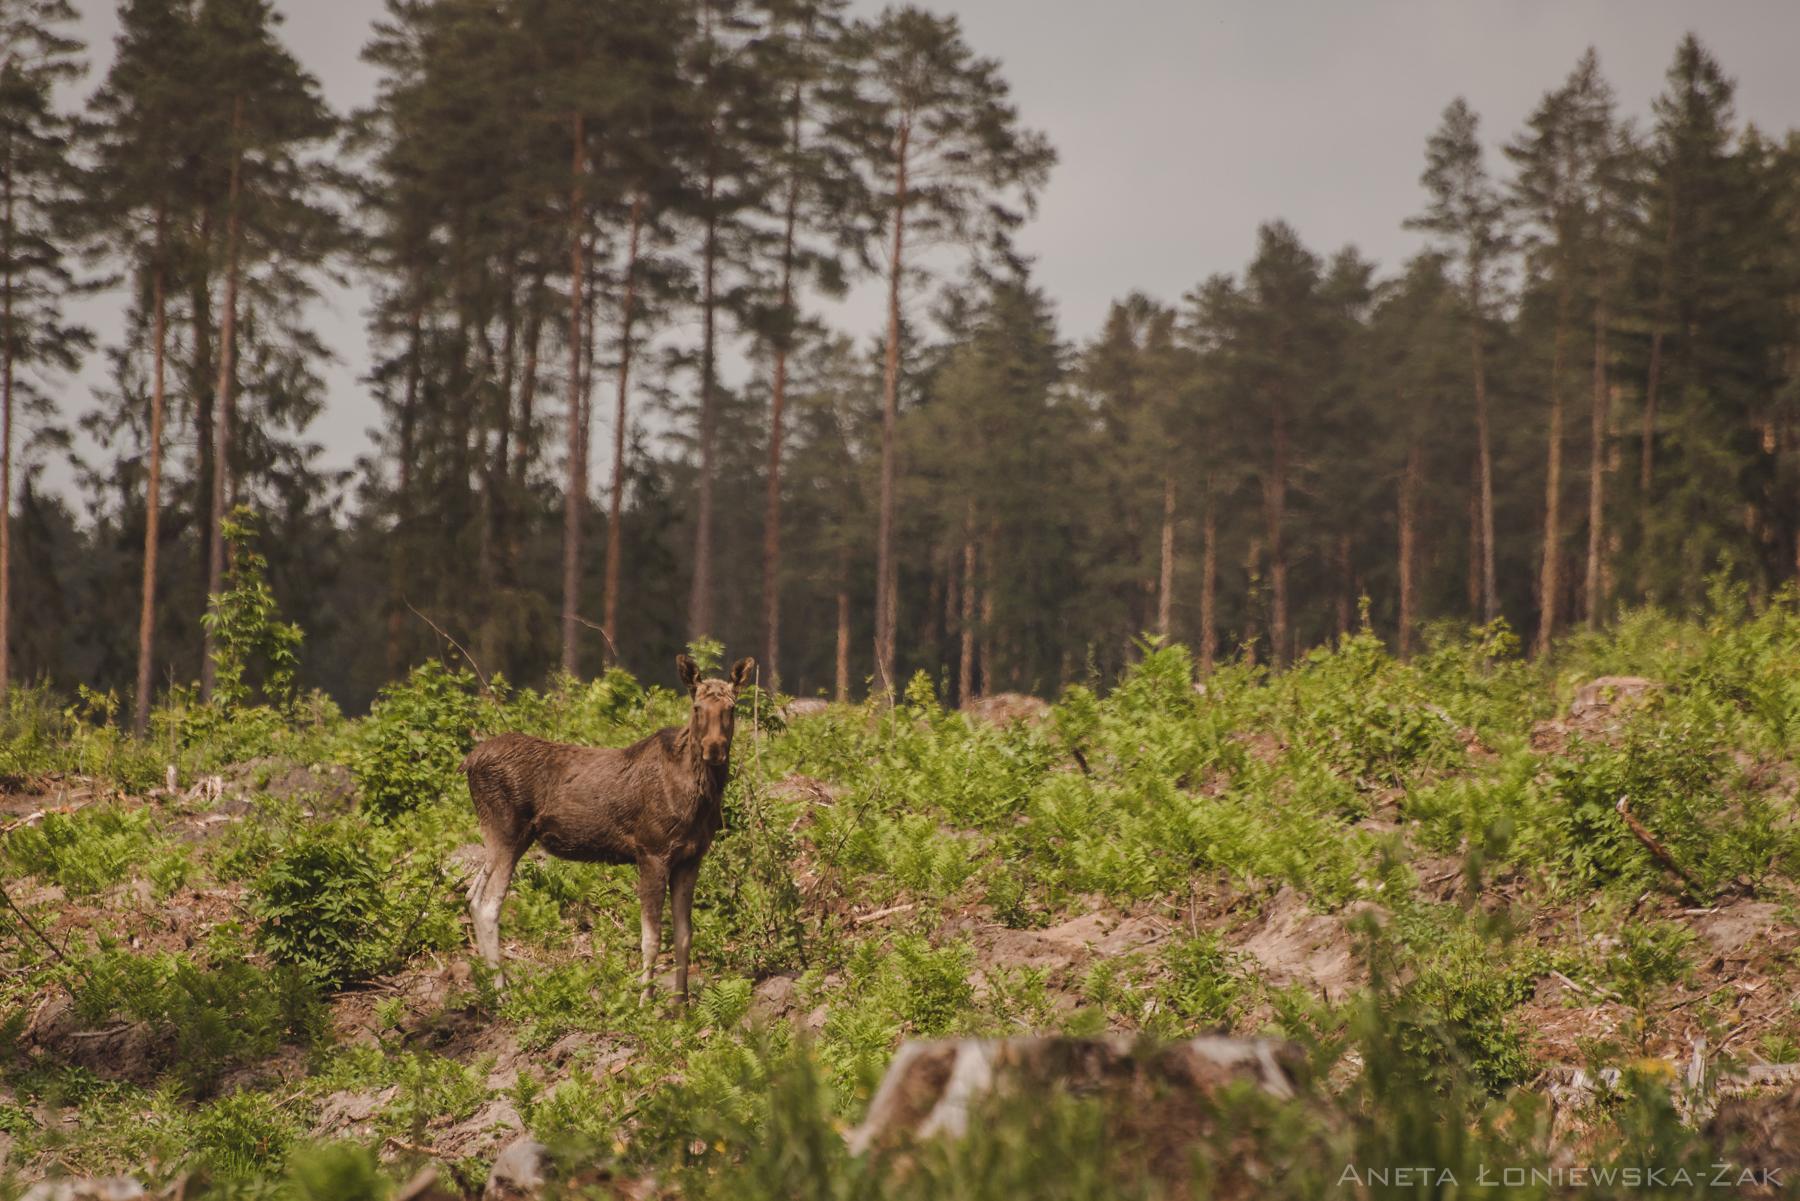 fotografia przyrodnicza, puszcza knyszyńska, łoś, las, kulikówka